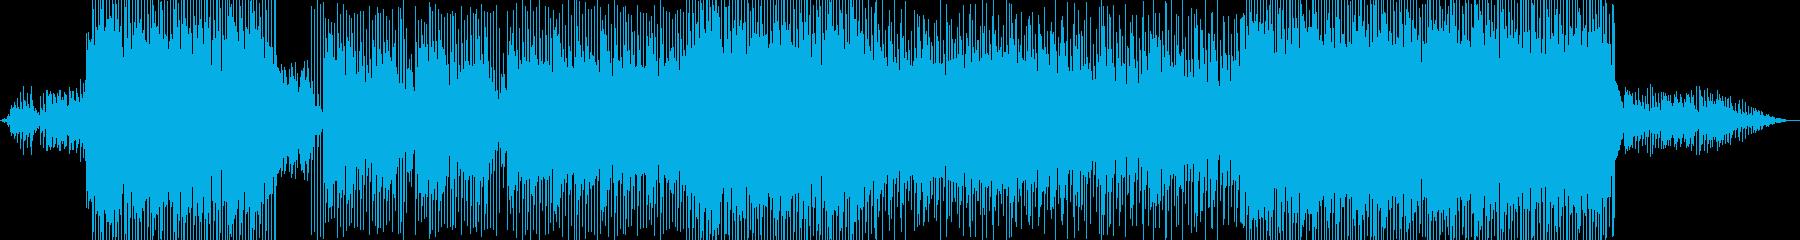 切ないく雰囲気のピアノBGMです。の再生済みの波形